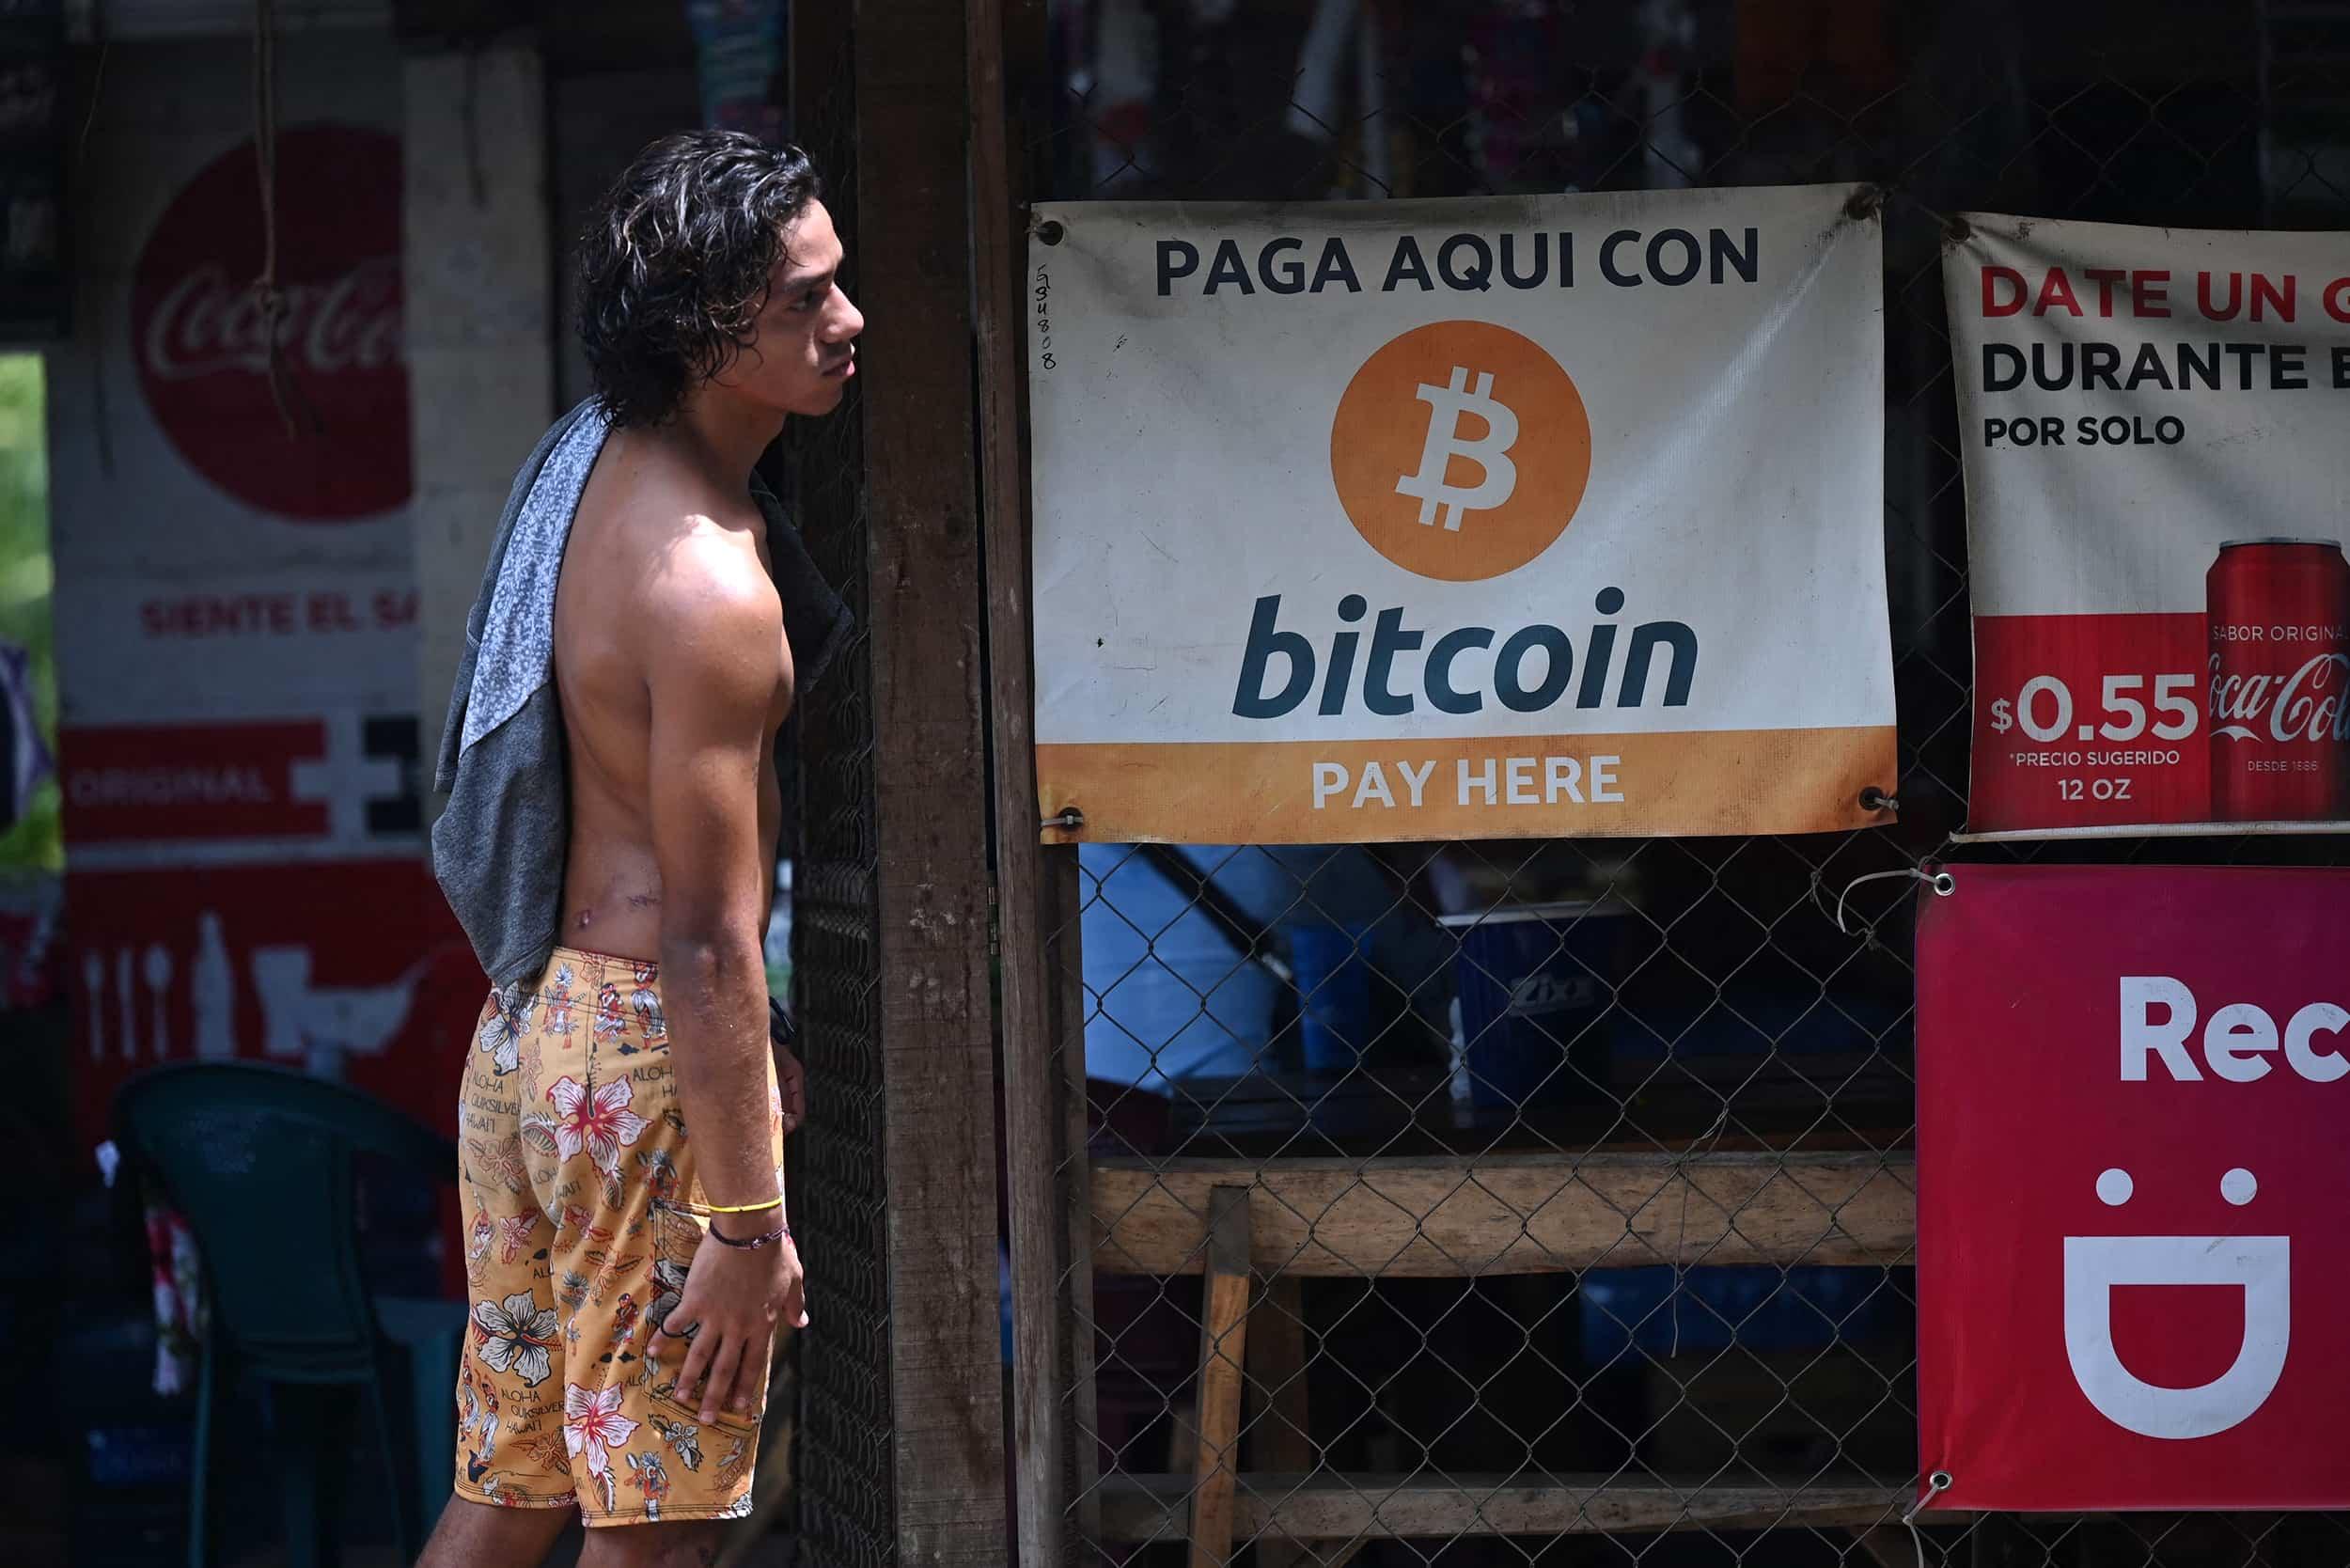 ประชาชนเอลซัลวาดอร์กำลังแห่เทขายดอลลาร์ เพื่อซื้อ Bitcoin